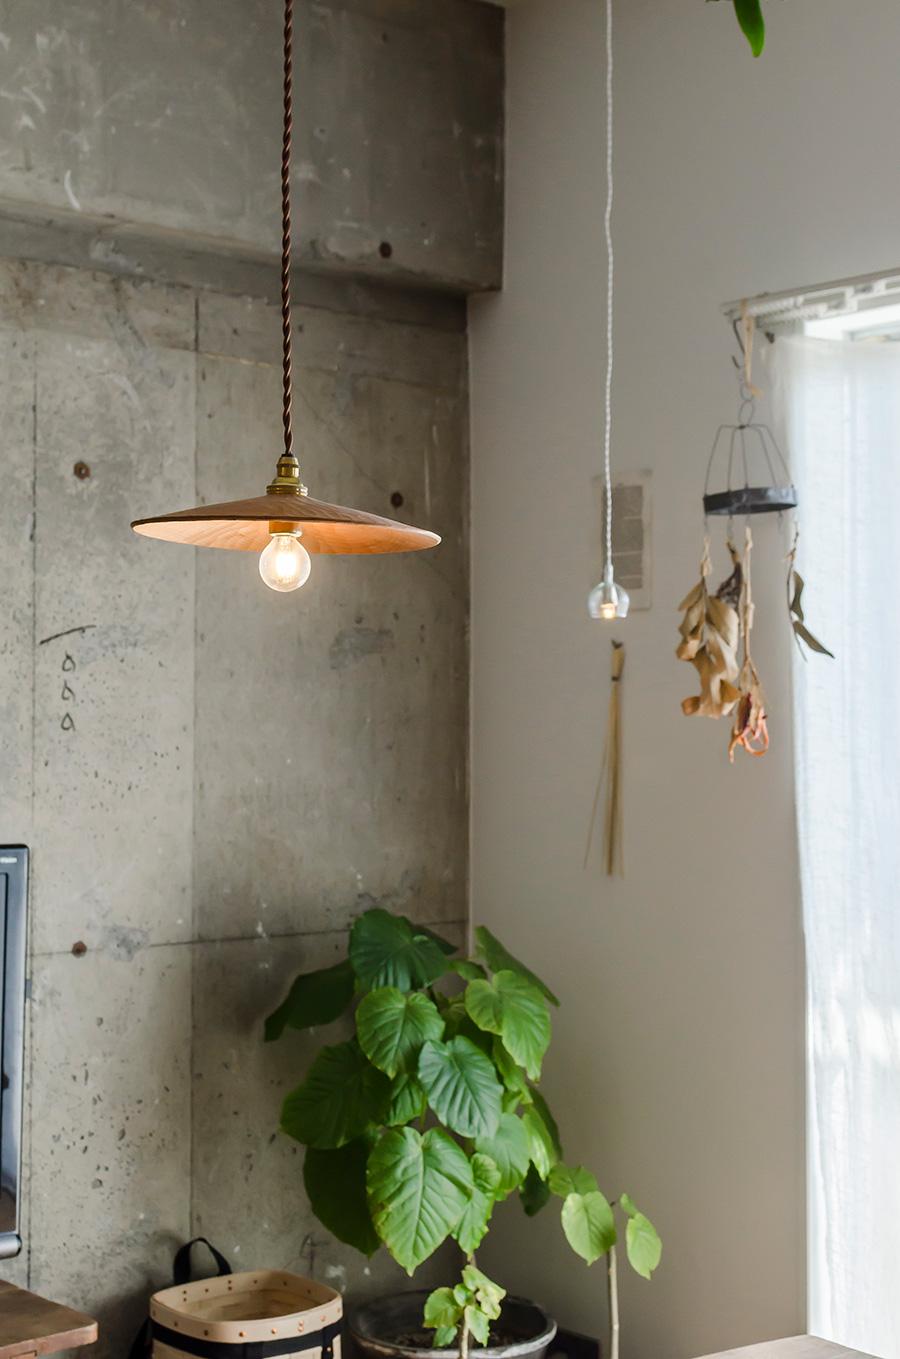 作家・渡邊浩幸さんの手がけた山桜のランプシェード。